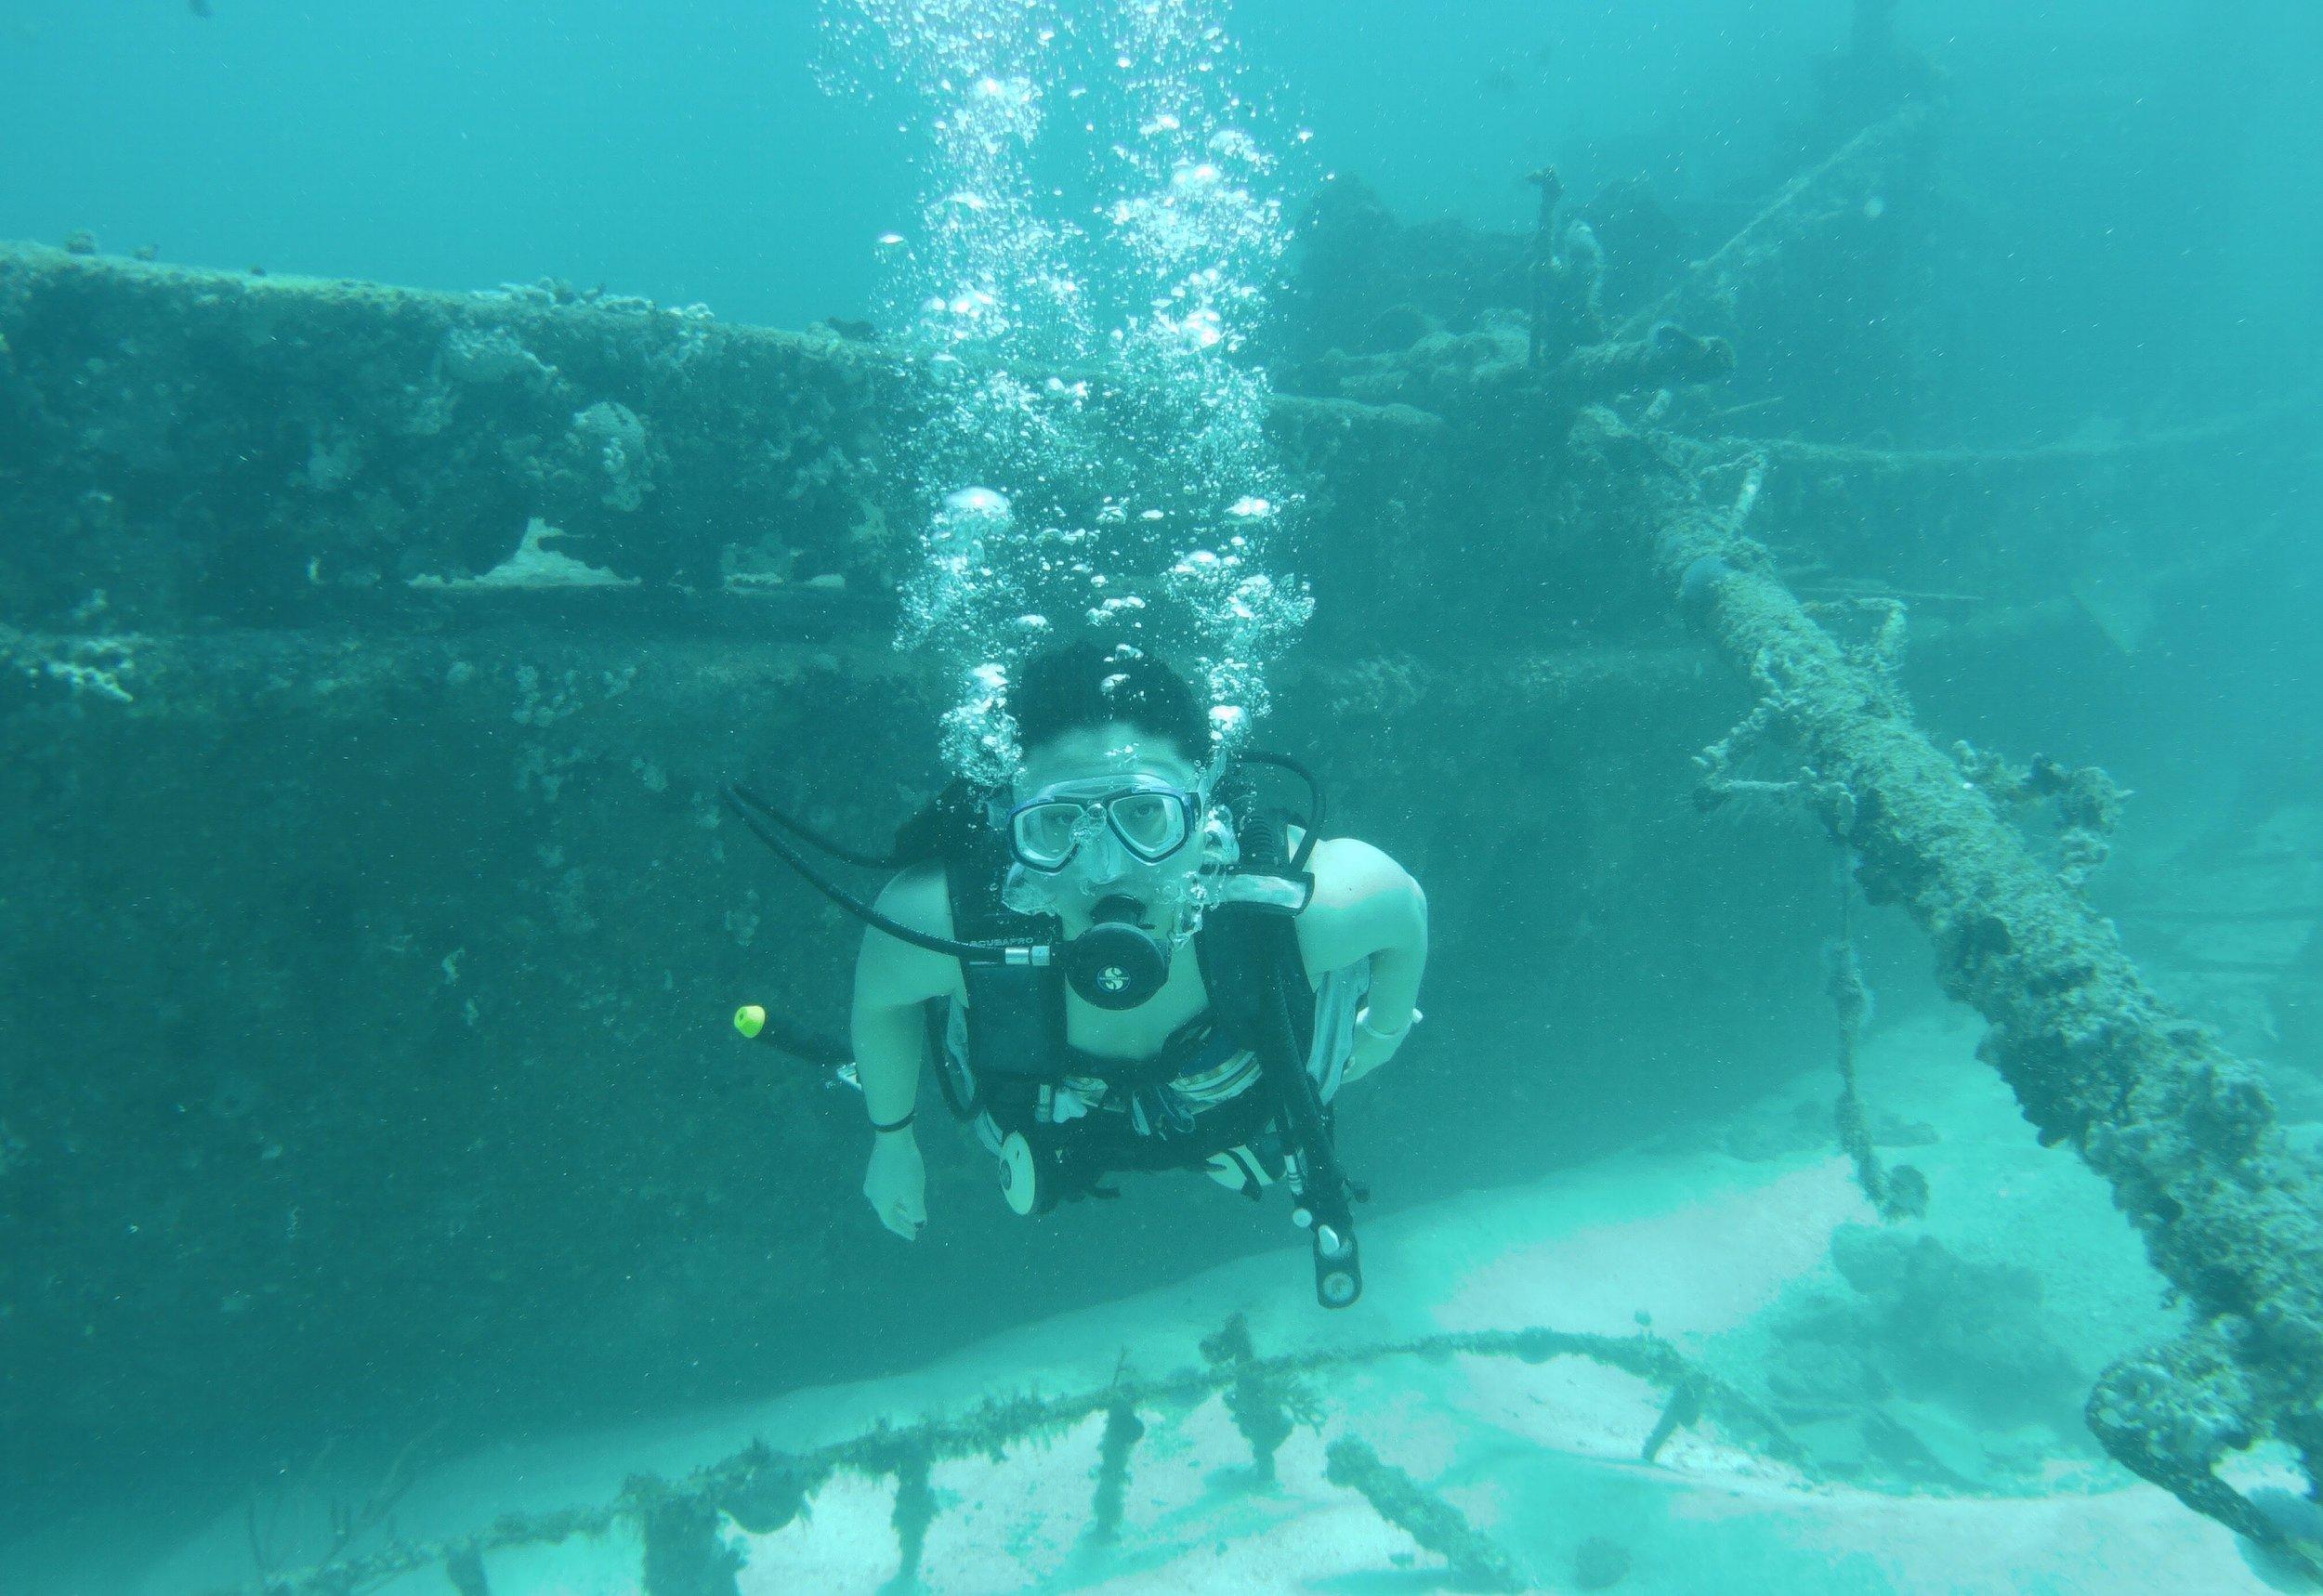 Scuba diving in Cuba 🇨🇺